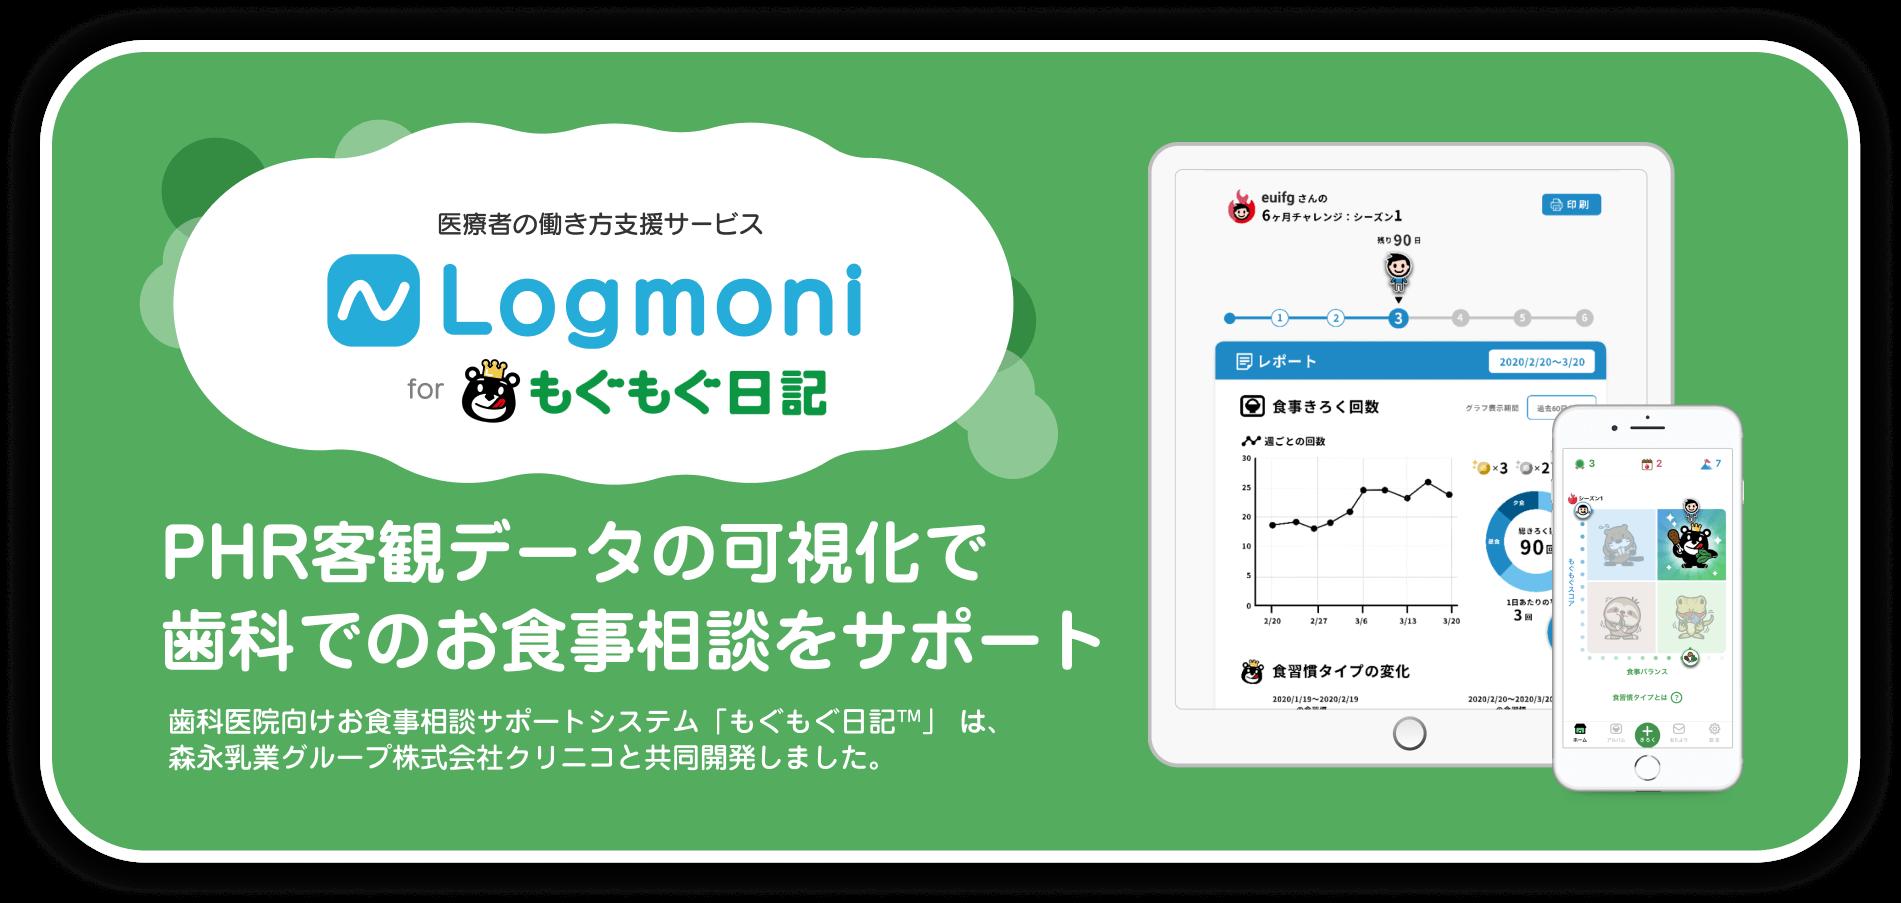 Logmoni for もぐもぐ日記:PHR客観データの可視化で歯科でのお食事をサポート